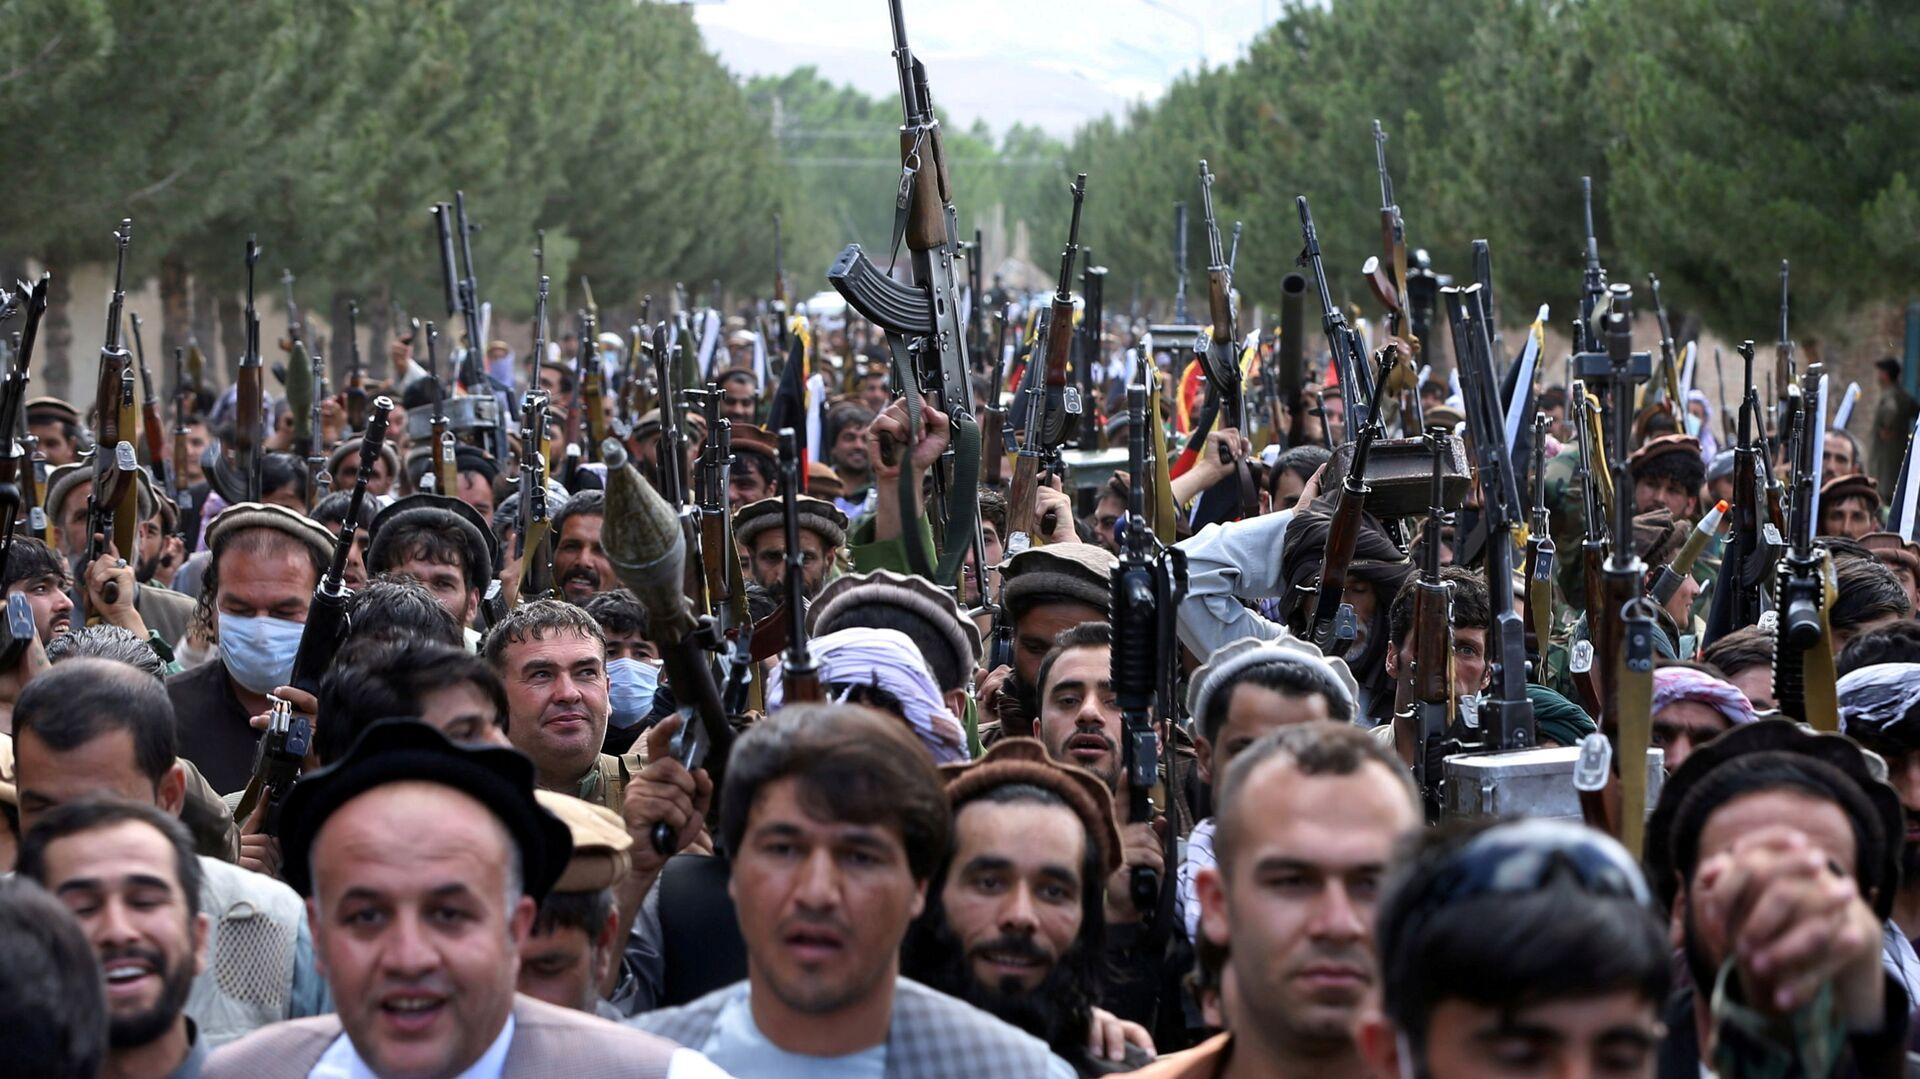 Naoružani ljudi tokom skupa u Kabulu - Sputnik Srbija, 1920, 19.08.2021